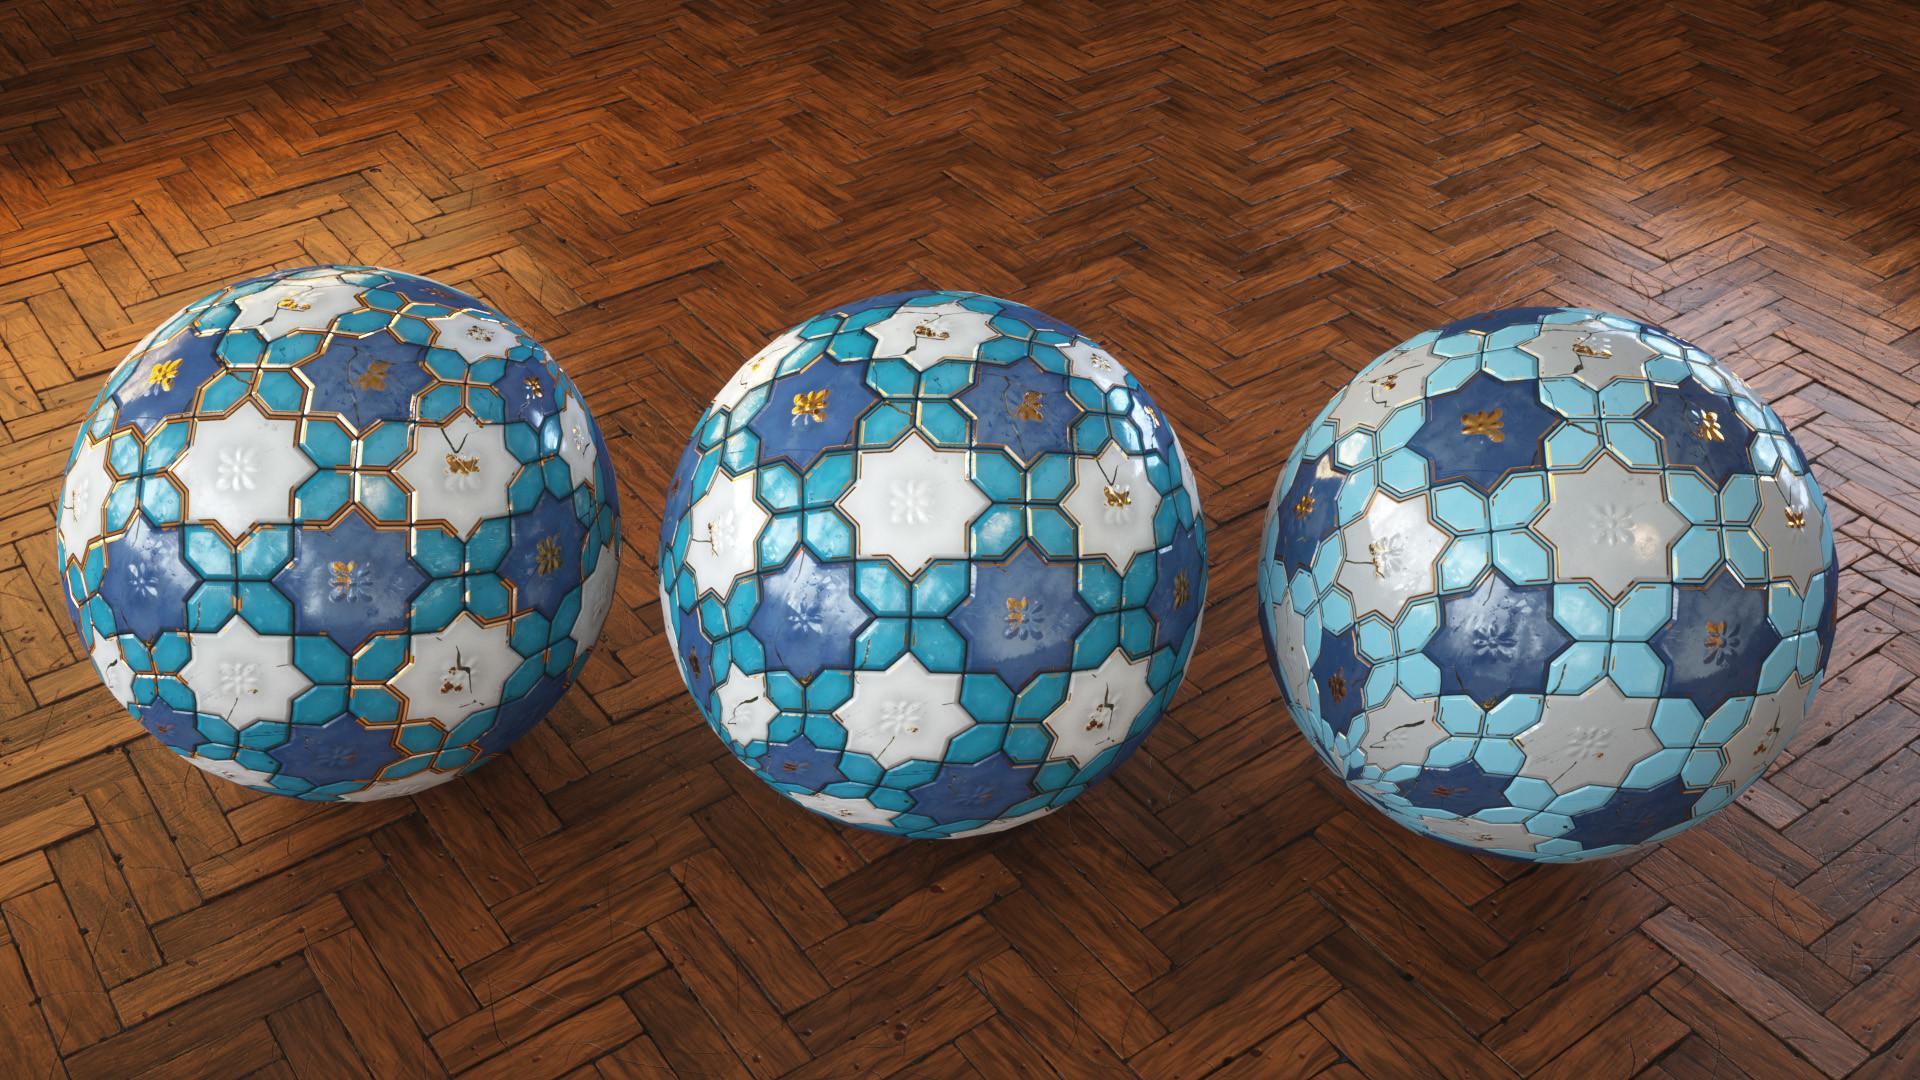 Krzysztof szrama floor tiles variations